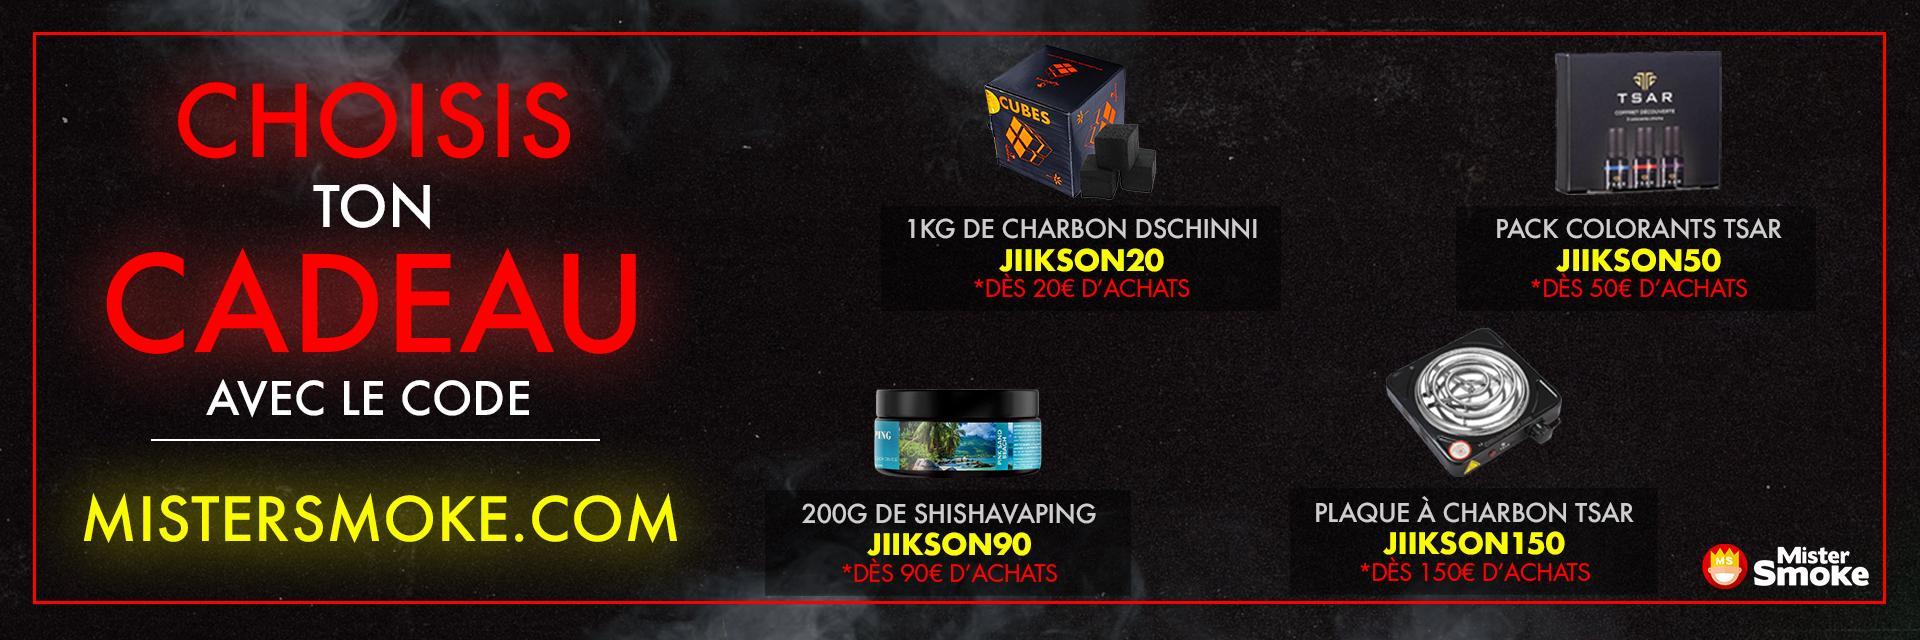 Banniere site code promo version dschinni 5